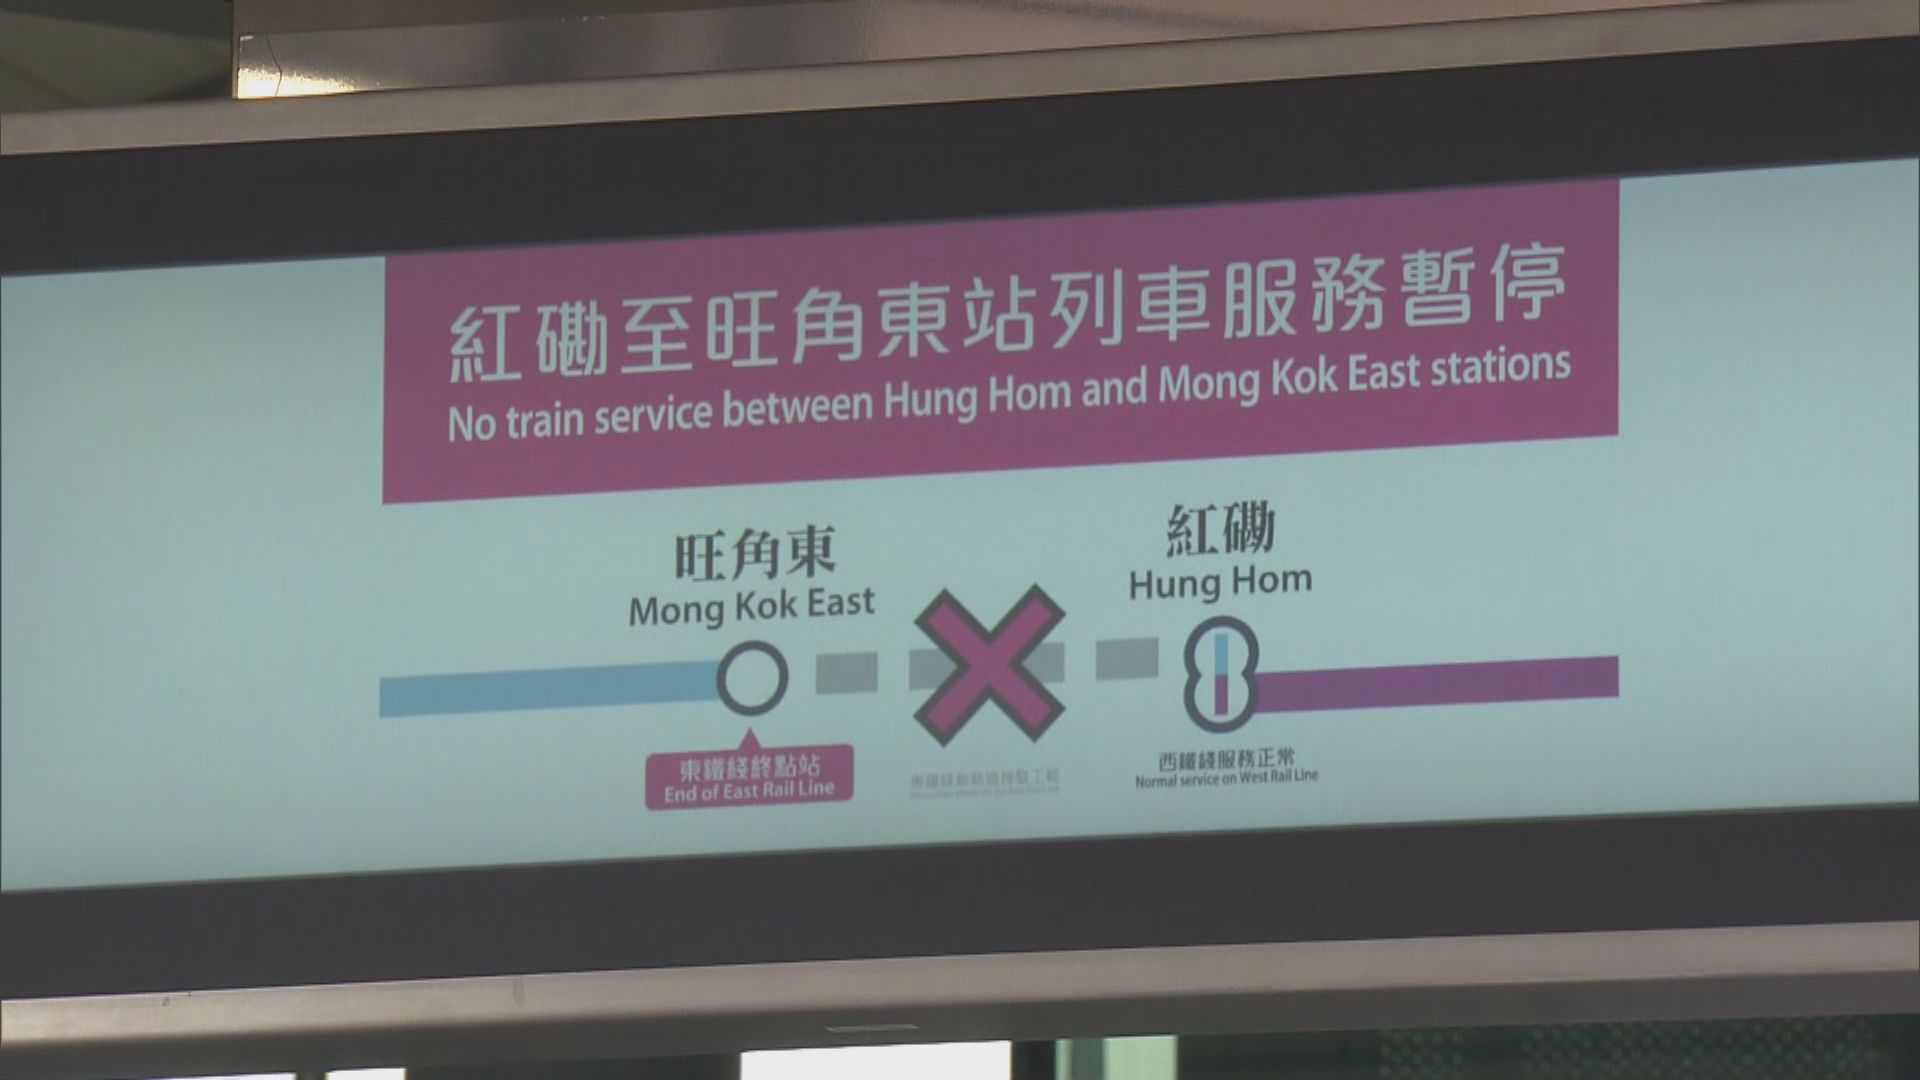 配合沙中綫工程 東鐵綫紅磡至旺角東列車停駛